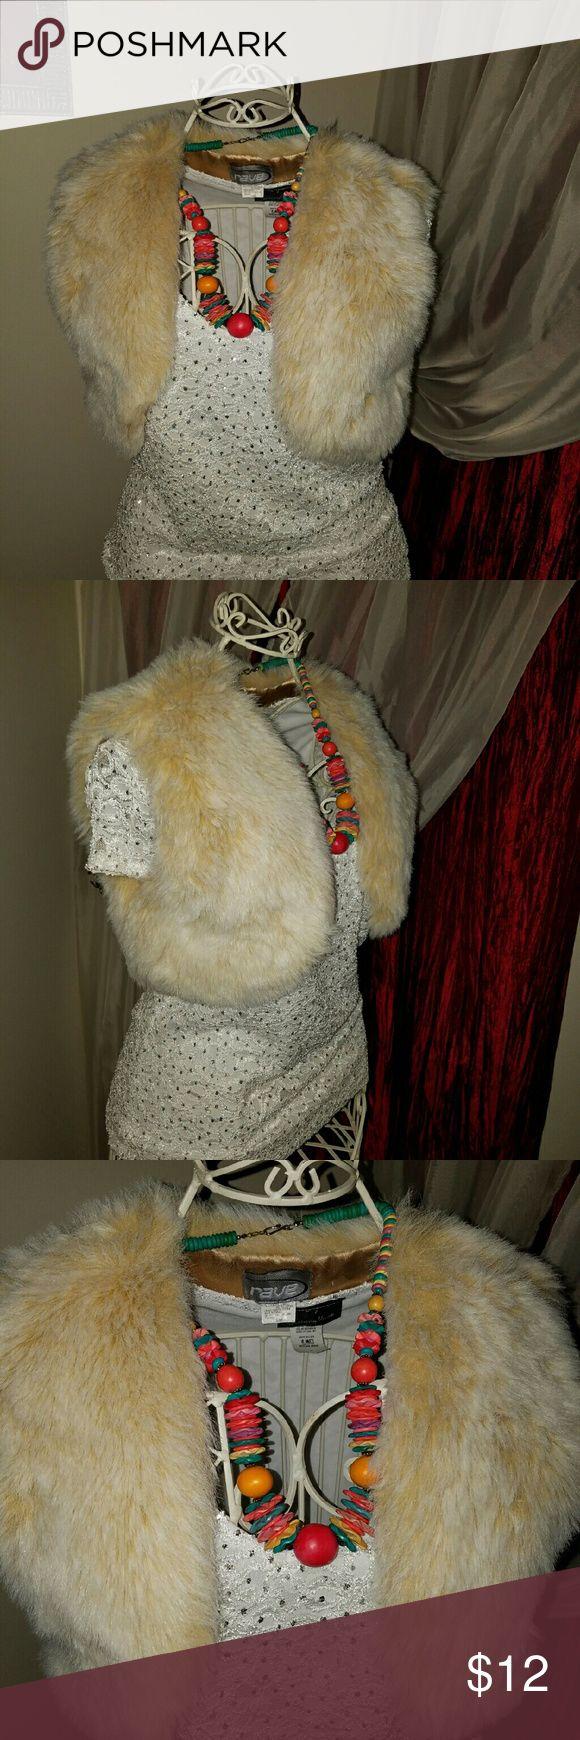 Rave s/m faux  fur shrug Excellent used condition rave Accessories Scarves & Wraps